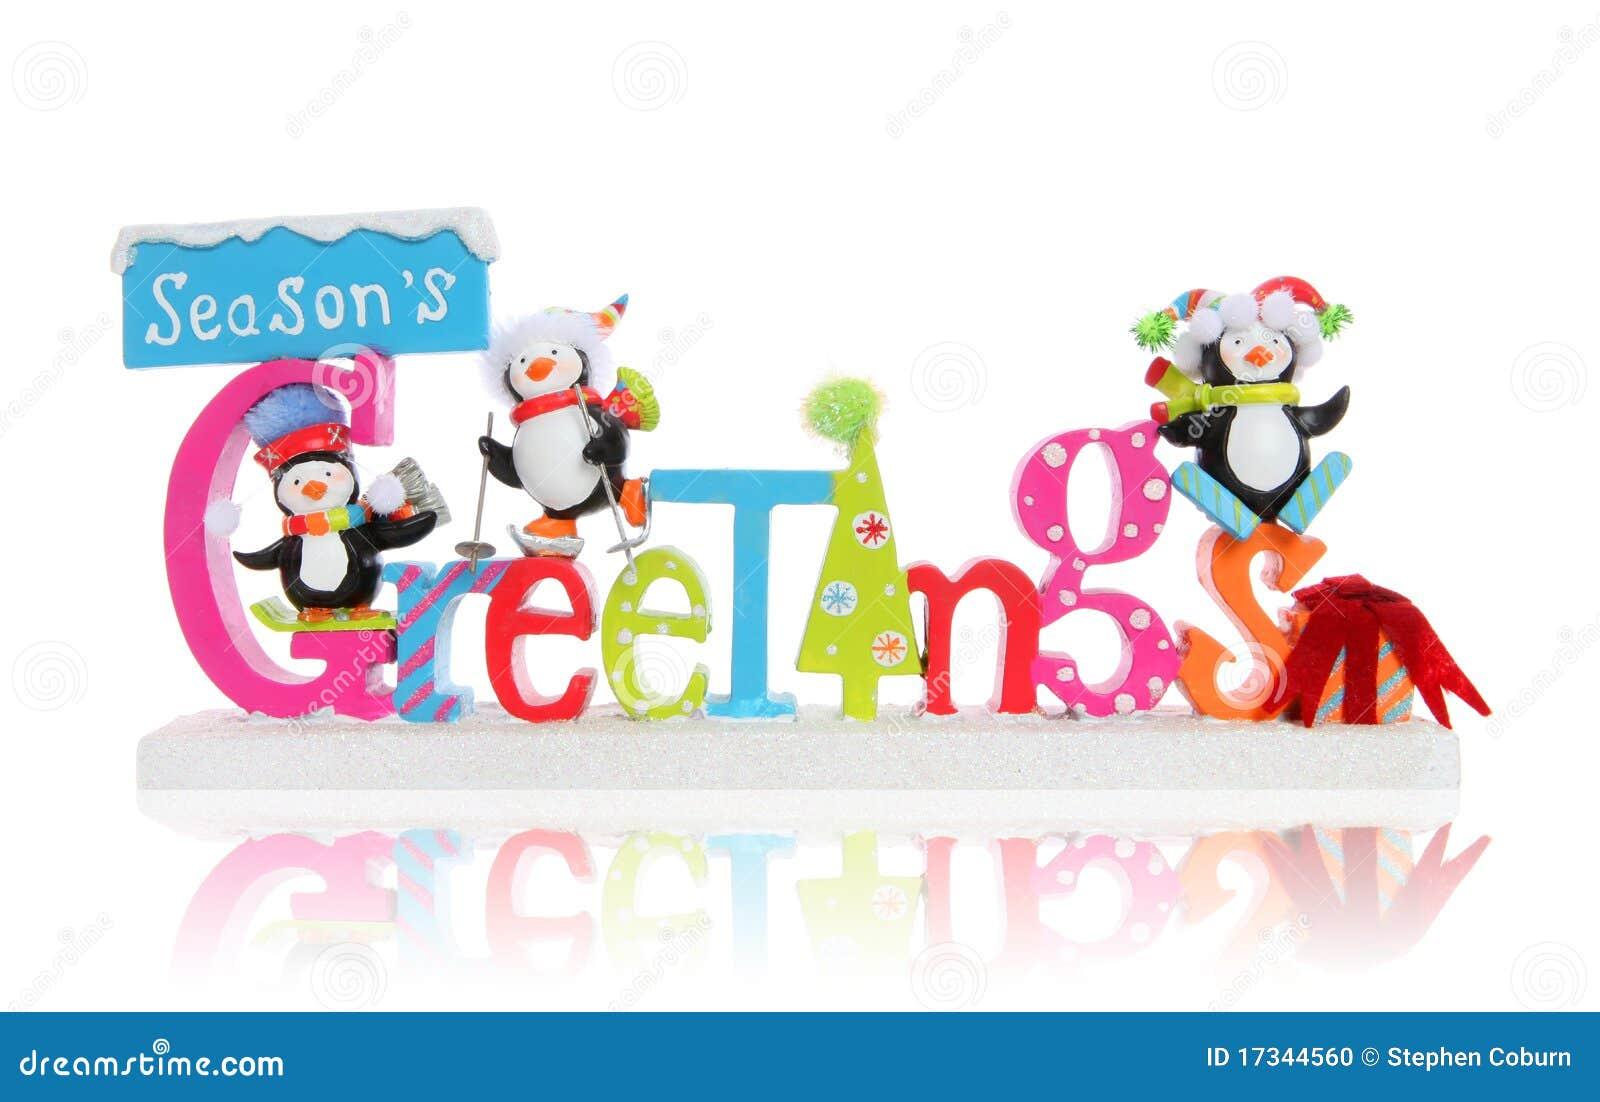 Christmas Seasons Greeting Sign Stock Photo Image Of Animal